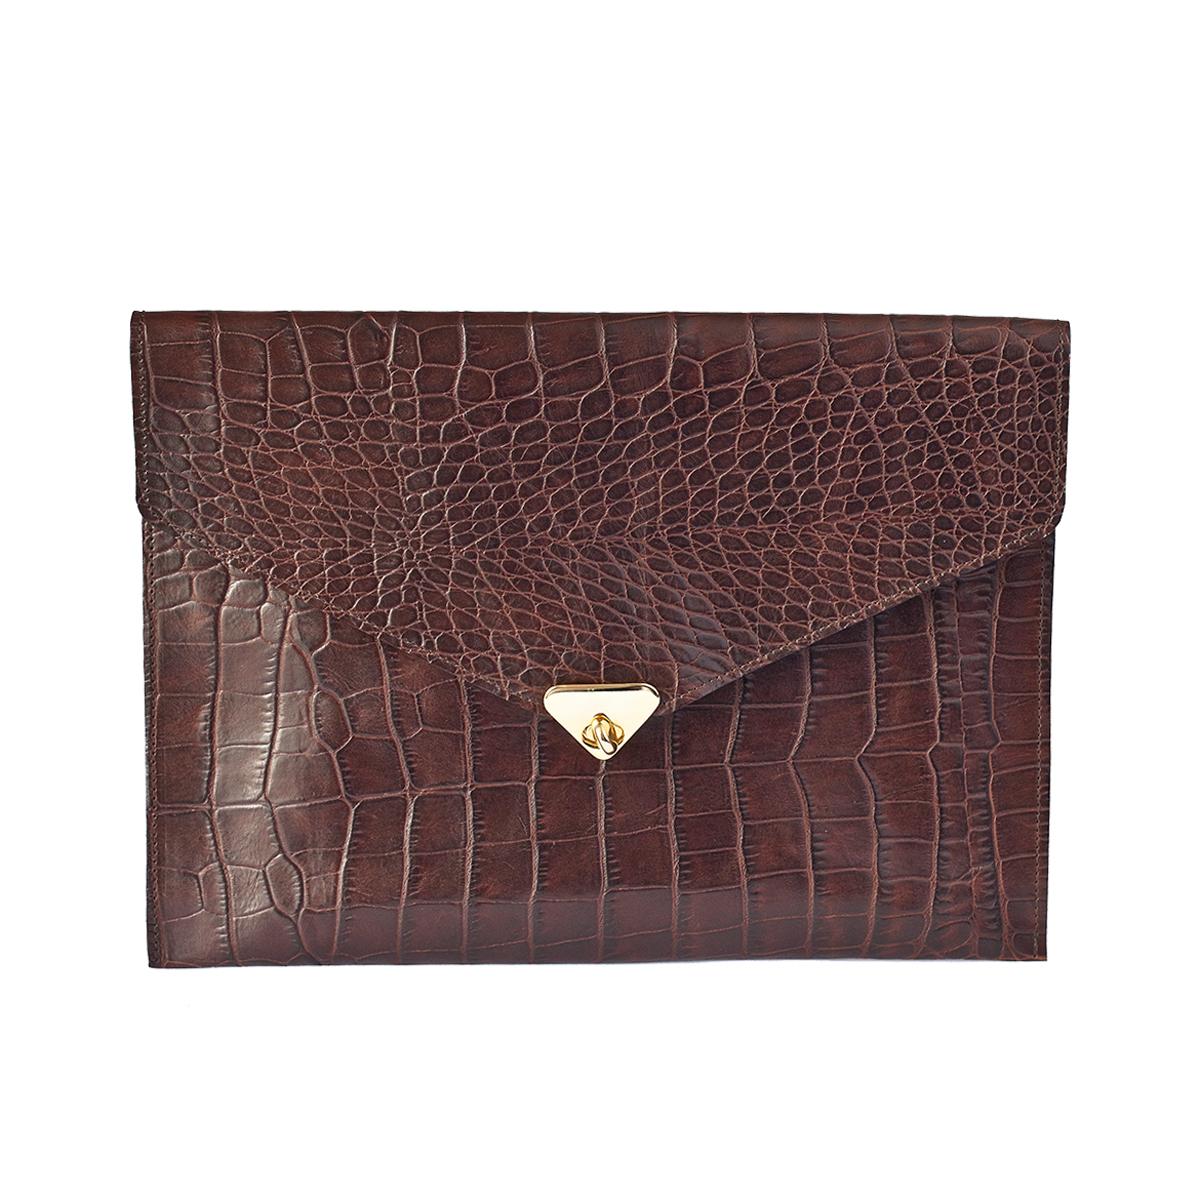 Grande pochette enveloppe chocolat en cuir façon croco